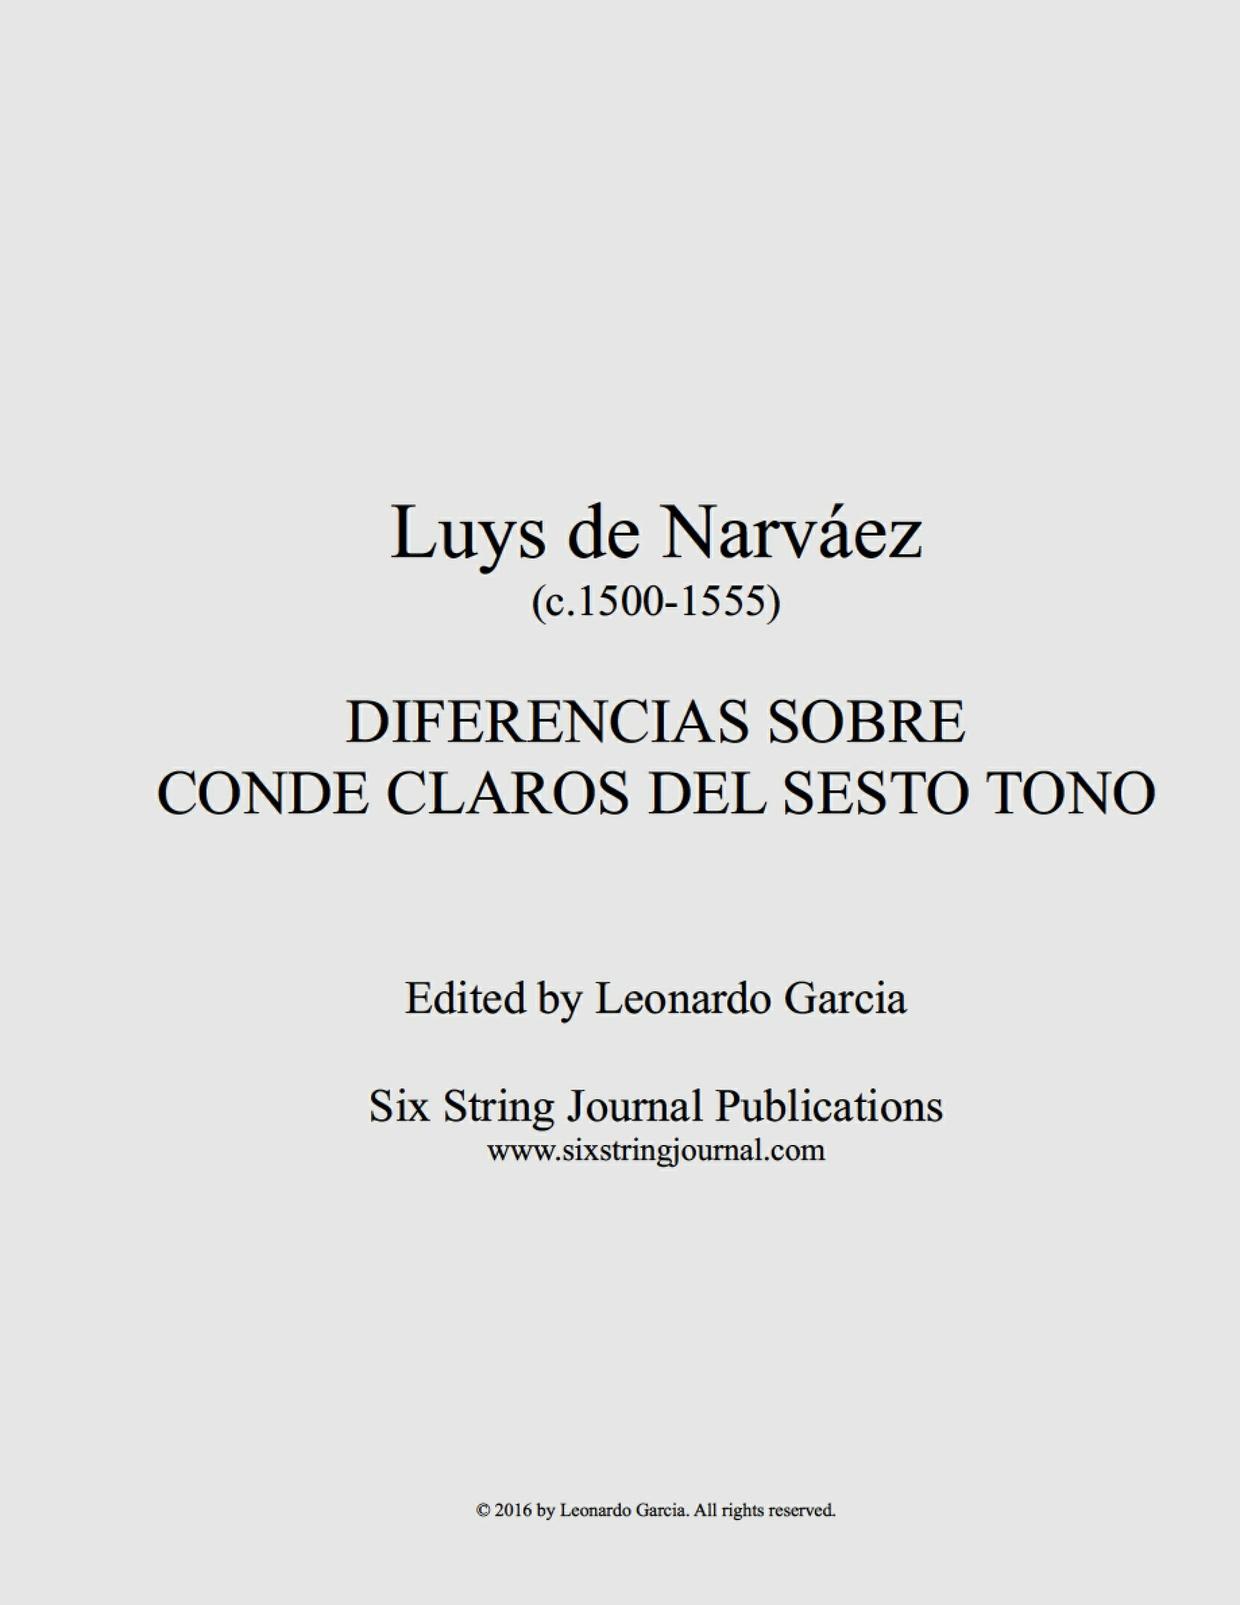 Diferencias Sobre Conde Claros del Sesto Tono (Narváez) SSJE113